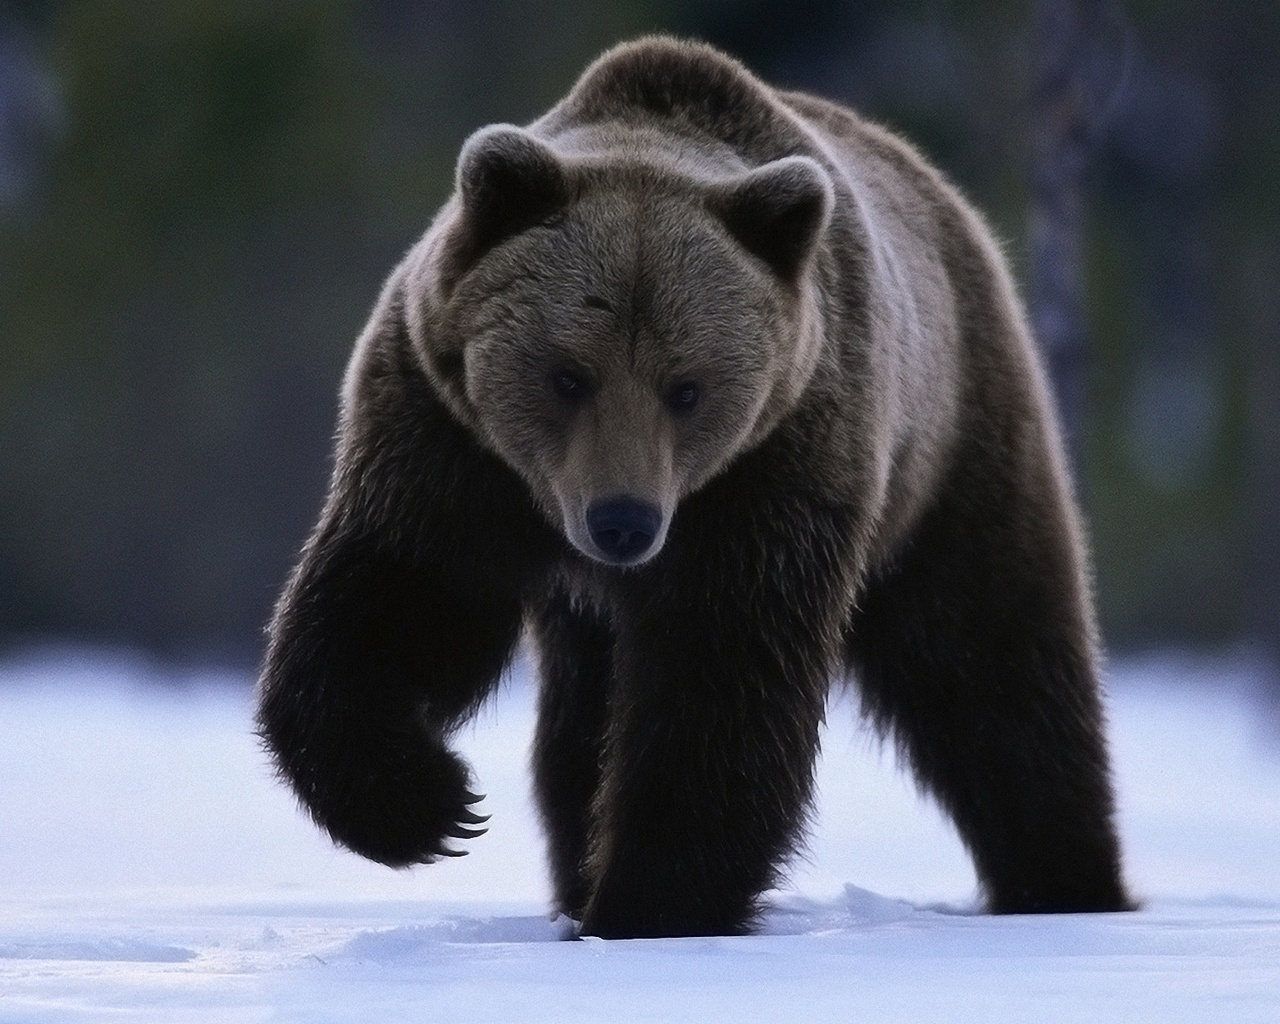 18156 Заставки и Обои Медведи на телефон. Скачать Медведи, Животные картинки бесплатно